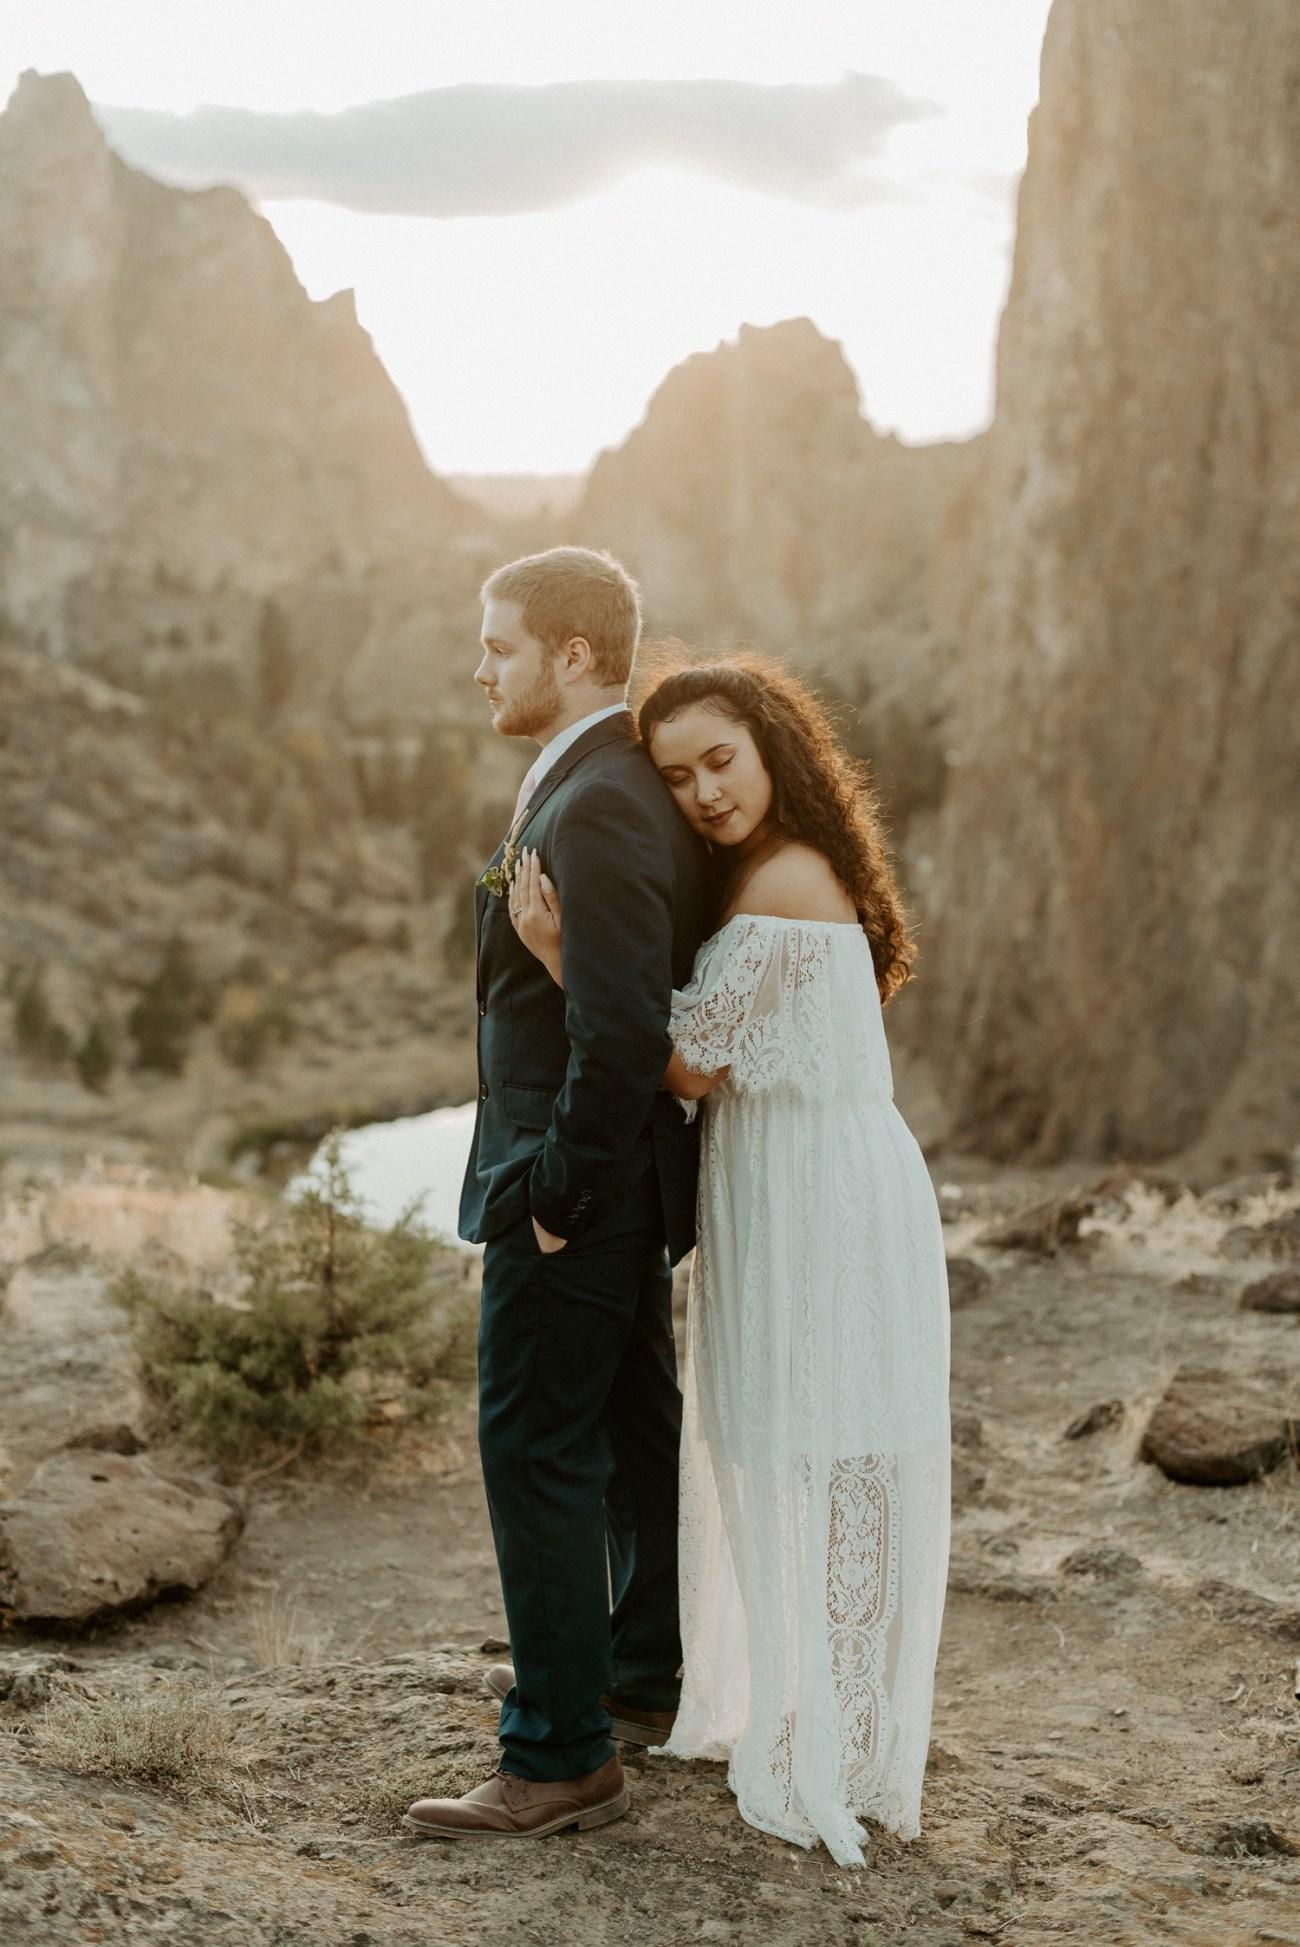 Smith Rock Elopement Bend Elopement Photographer Bend Wedding Photographer Fall Bend Wedding Anais Possamai Photography 037